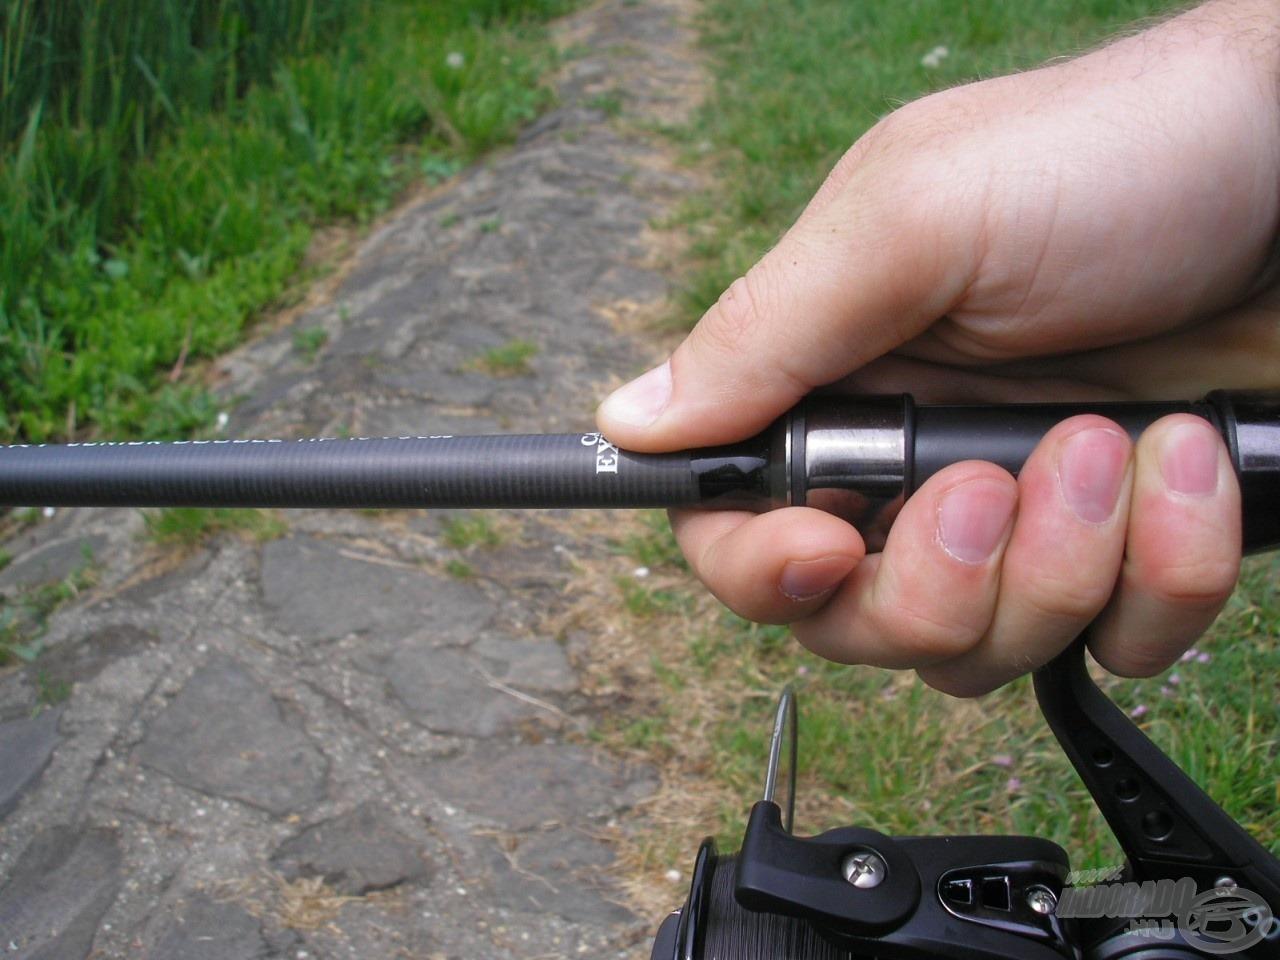 Az IM 12-es karbon szövetből készült karcsú bottest átmérője a nyélrésznél mindössze 13 mm